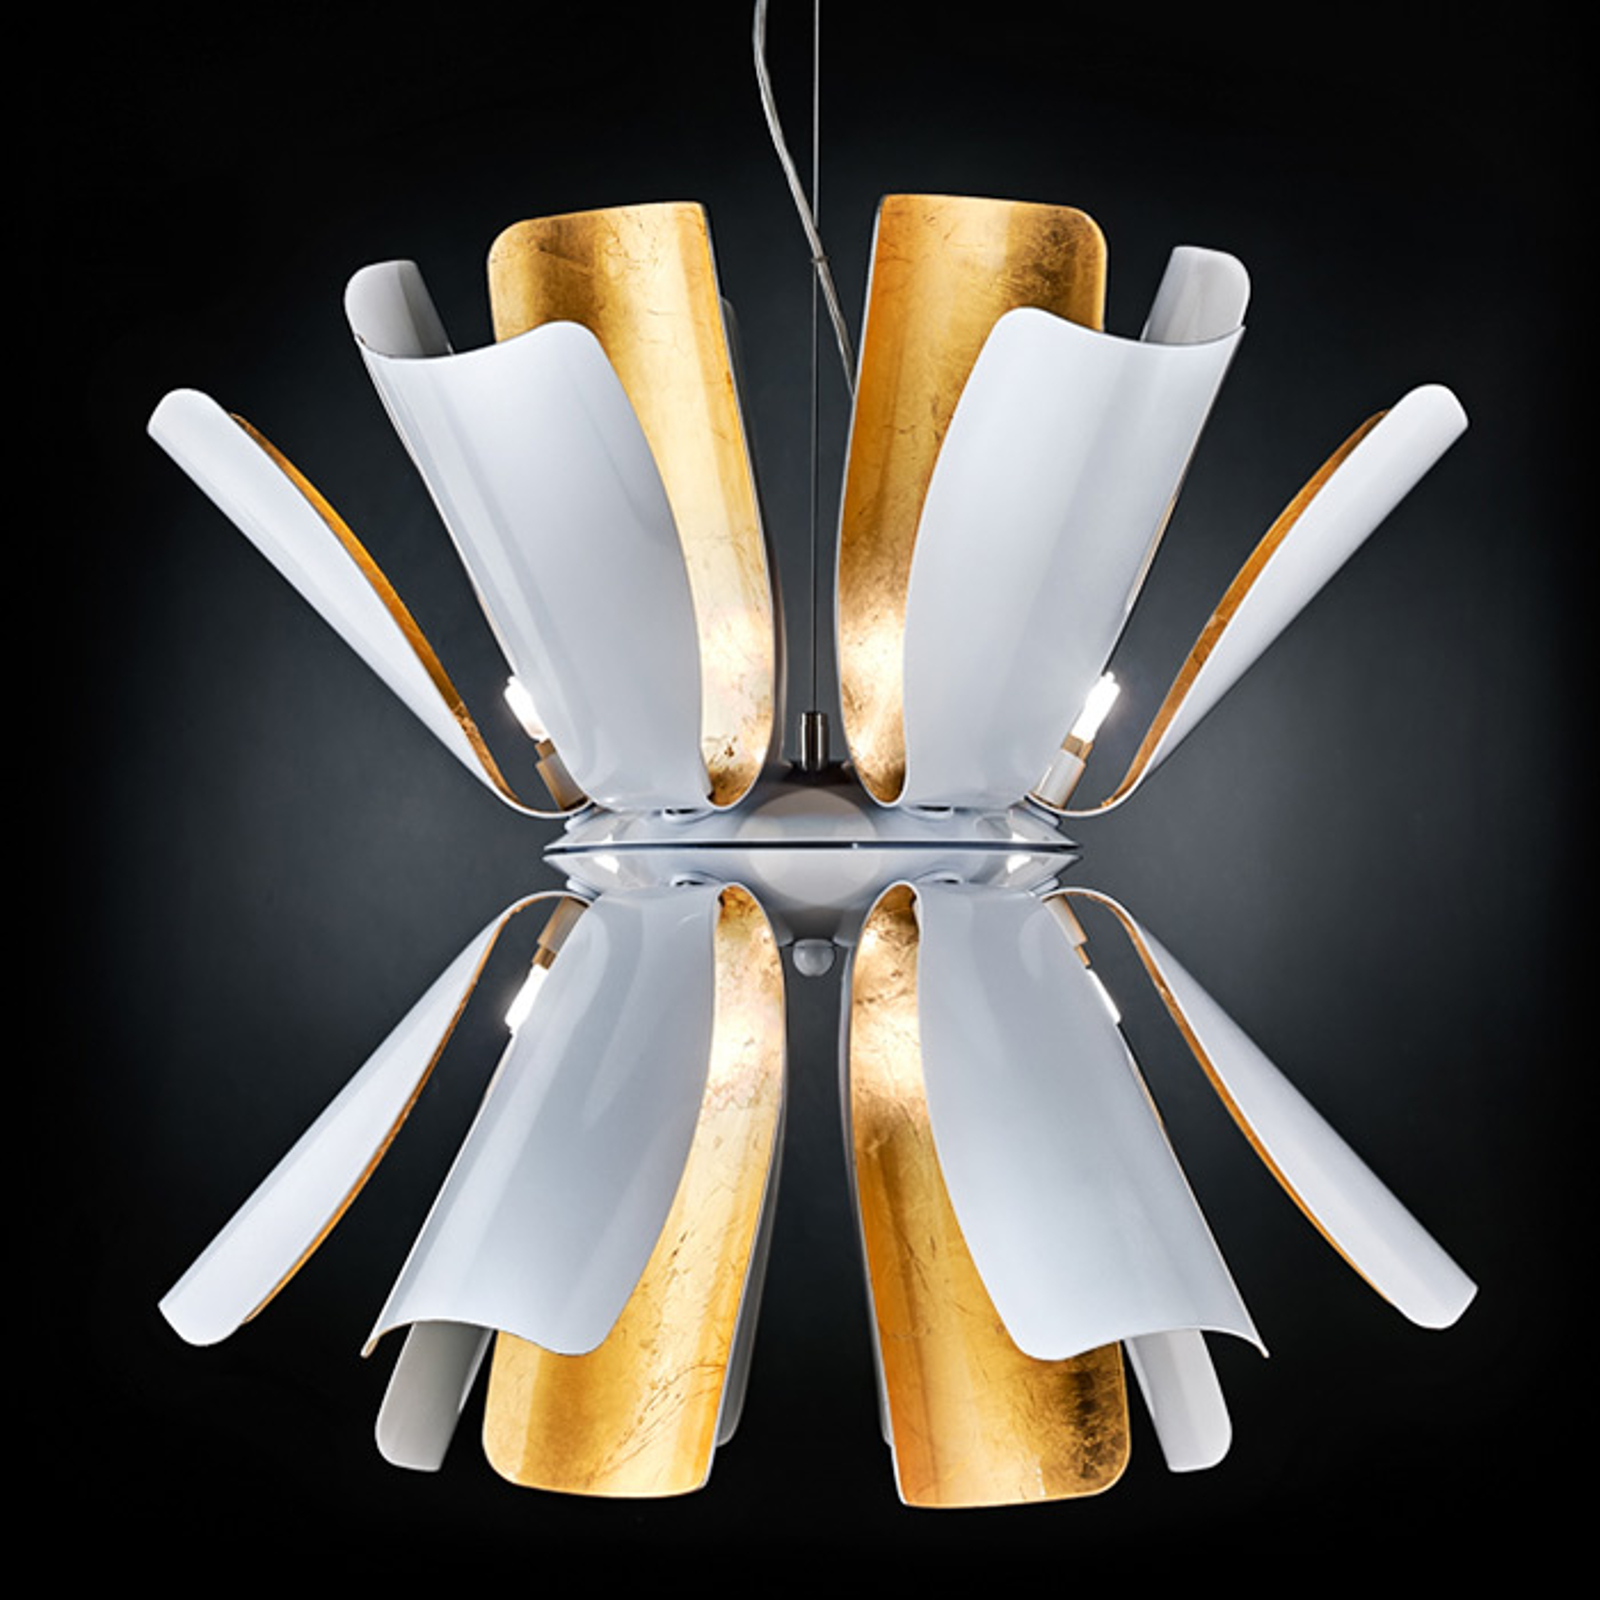 Lampa wisząca Tropic 60 cm biała/płatkowe złoto